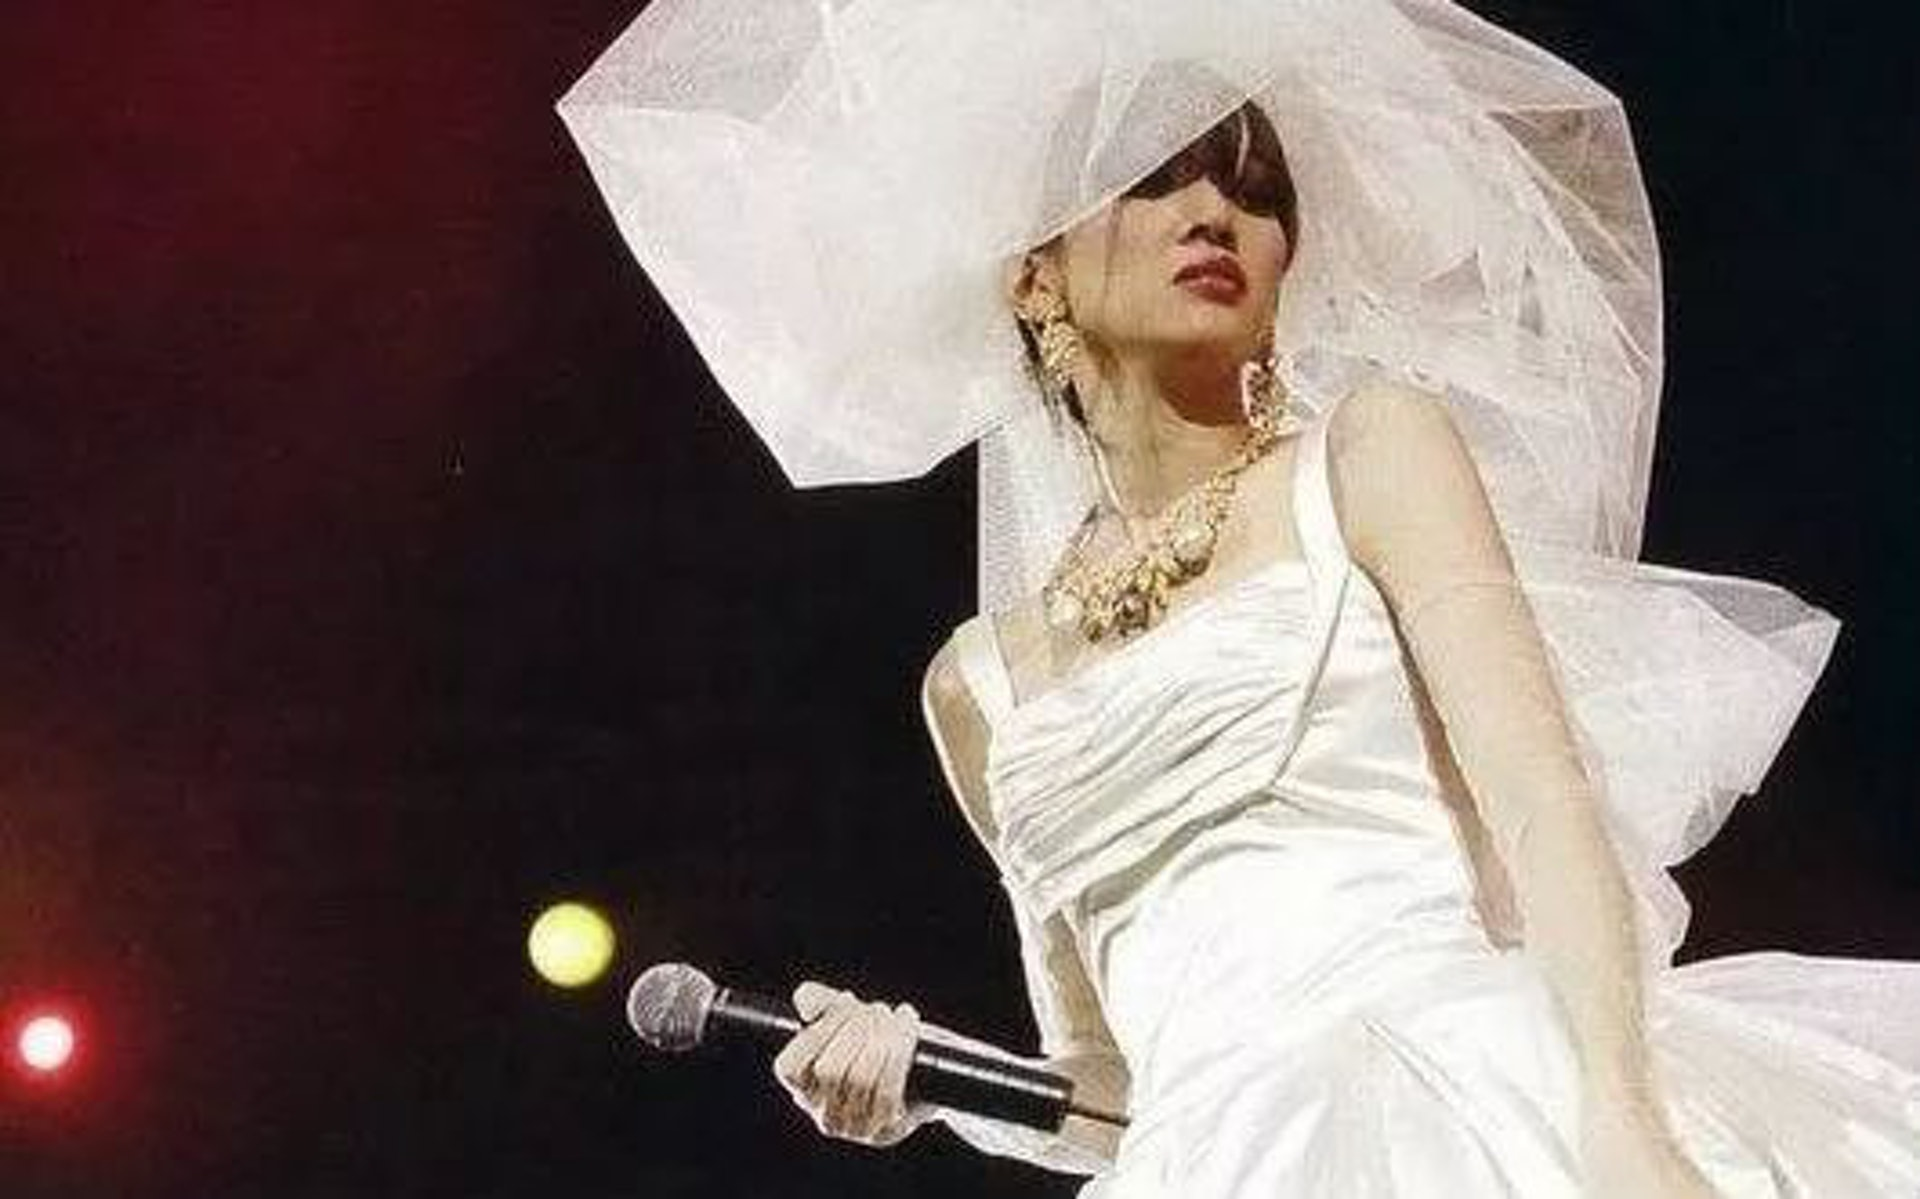 梅艷芳在演唱會穿上婚紗,決定「嫁給舞台」。(視覺中國)